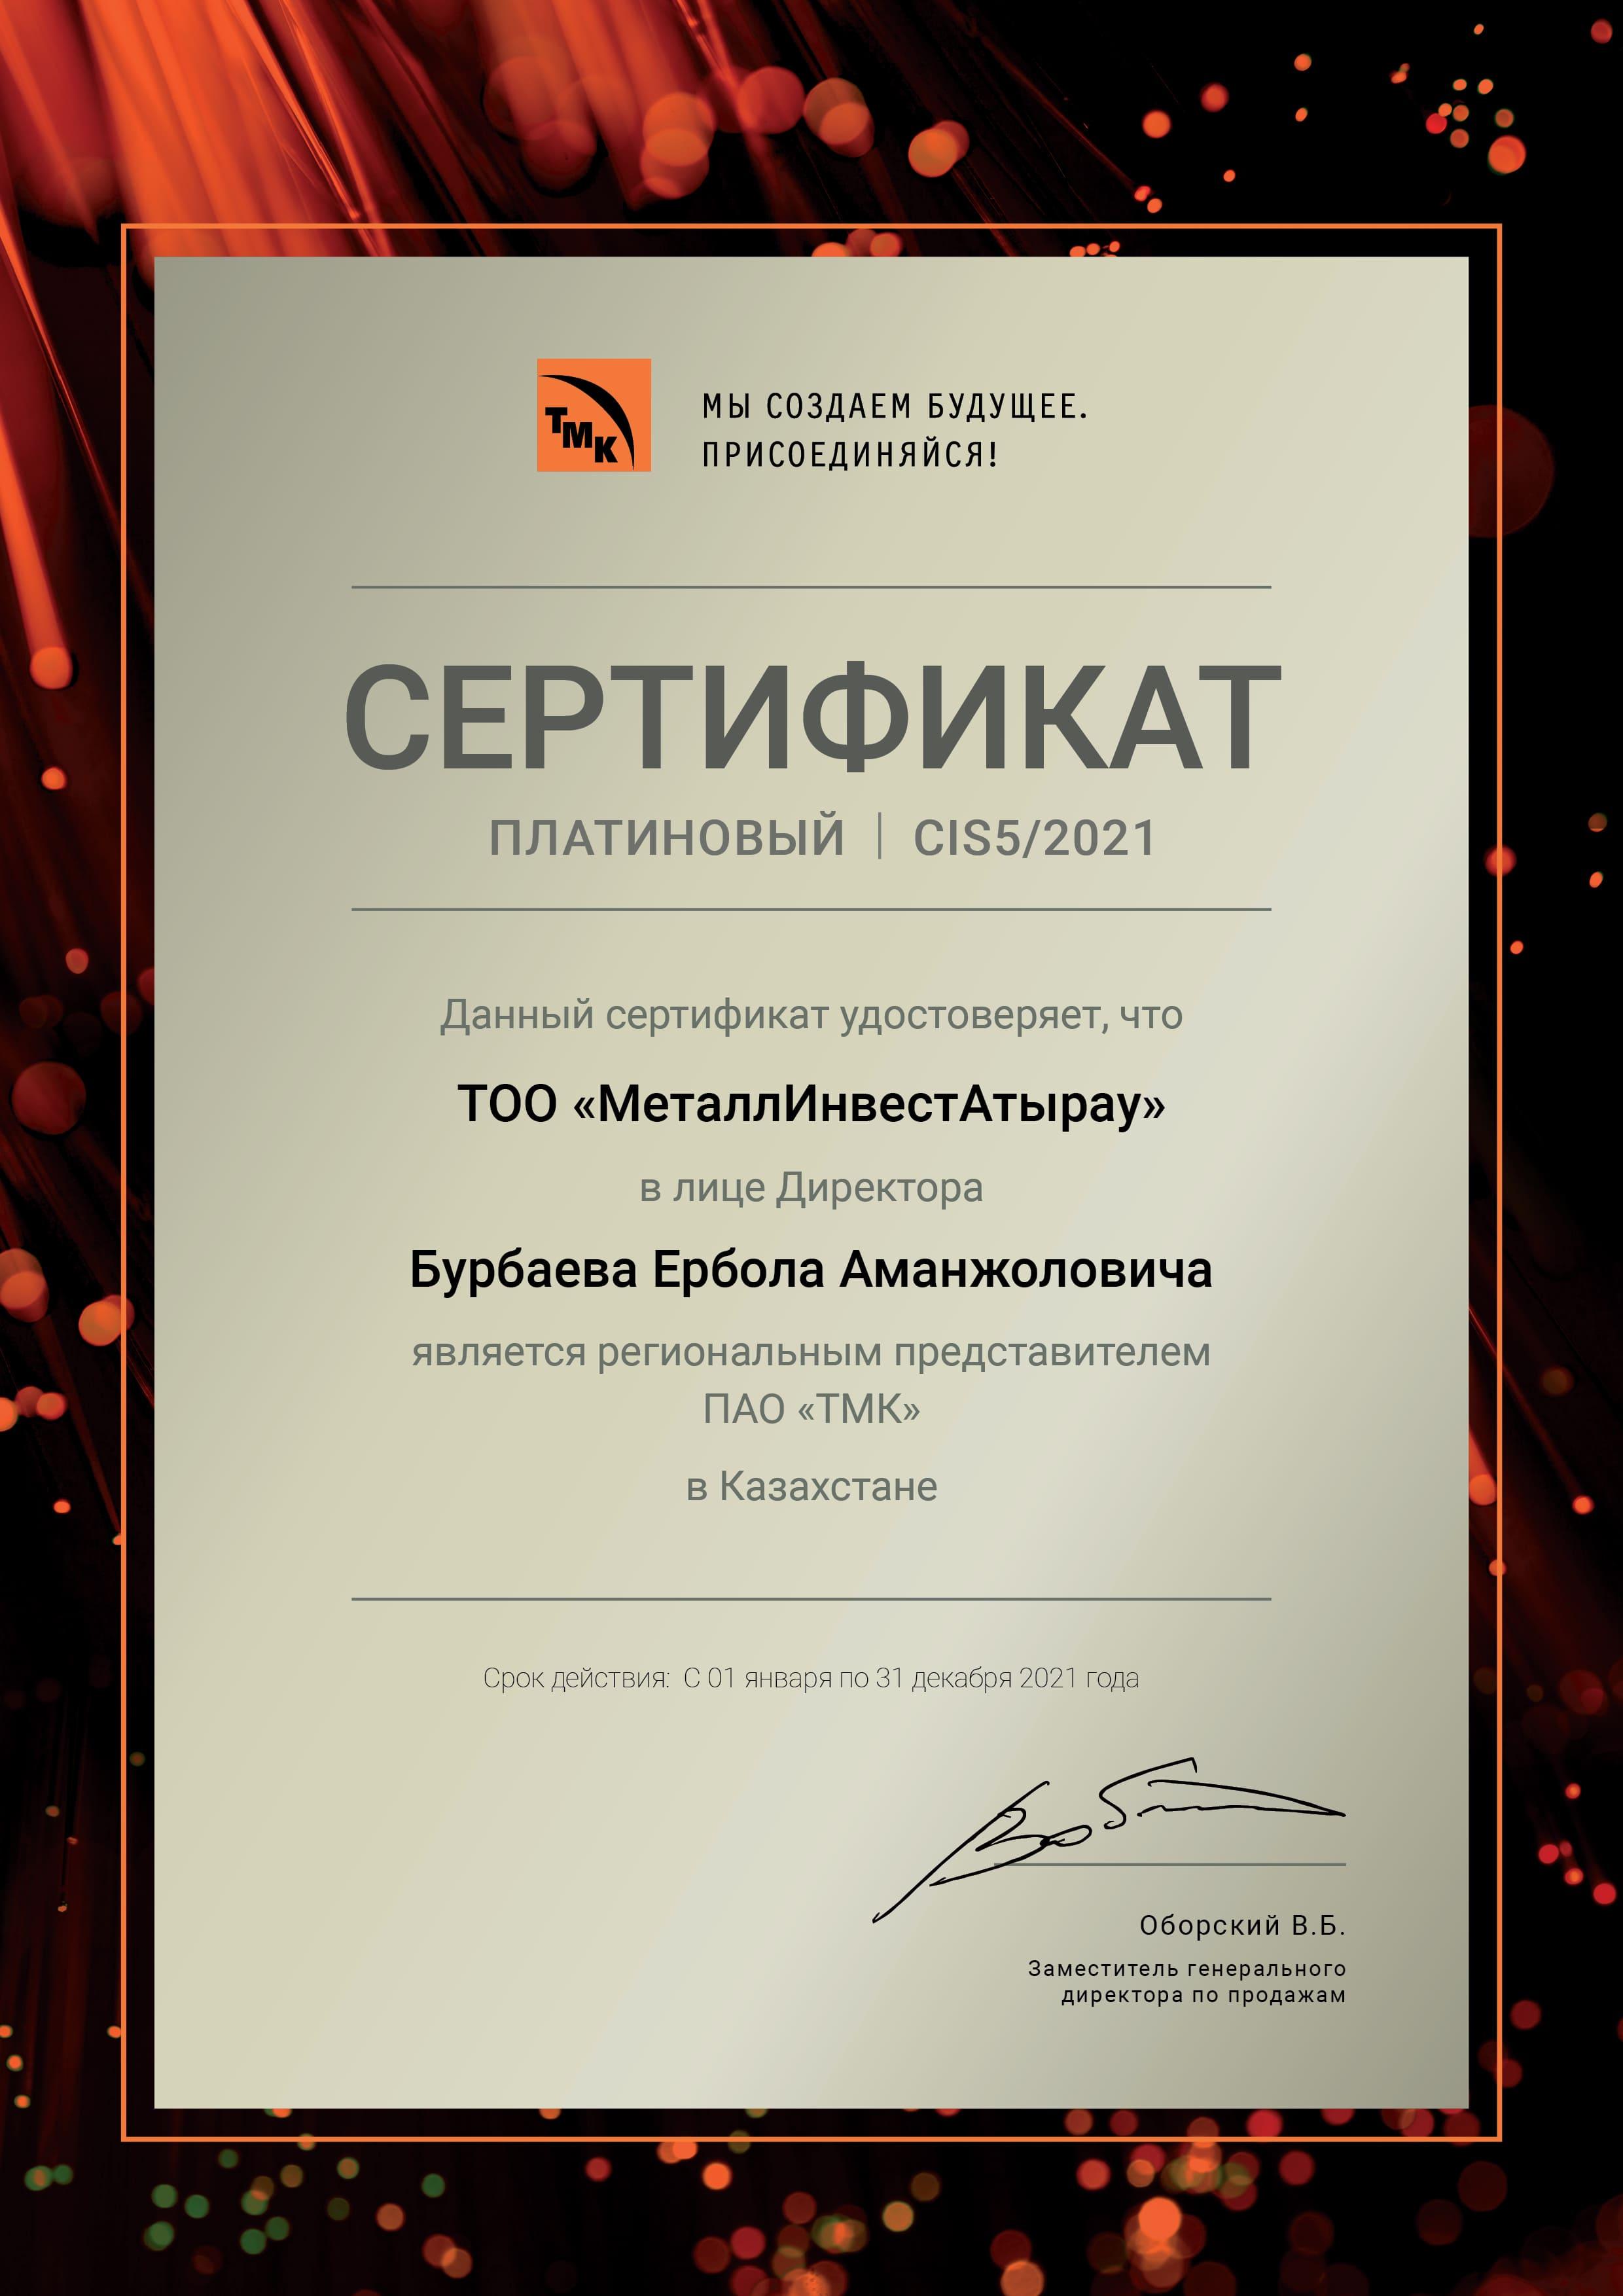 certificate-tz-1